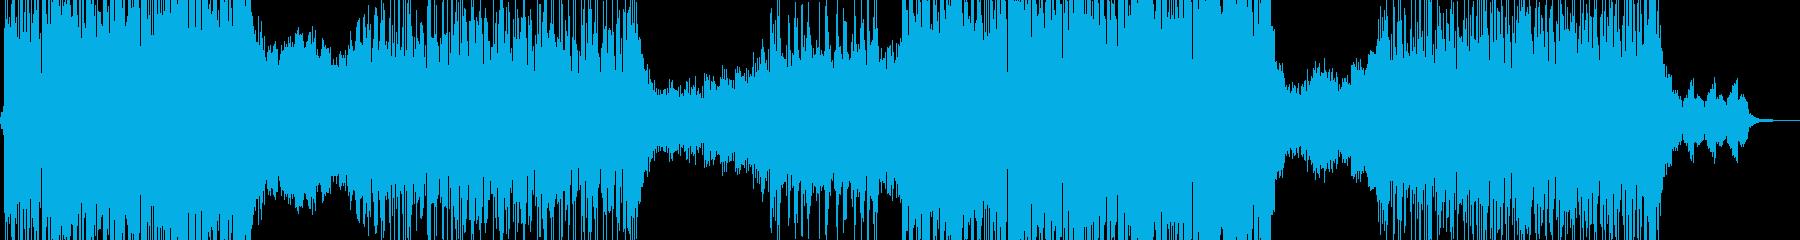 近未来的な作品に・クセになるR&B 短尺の再生済みの波形